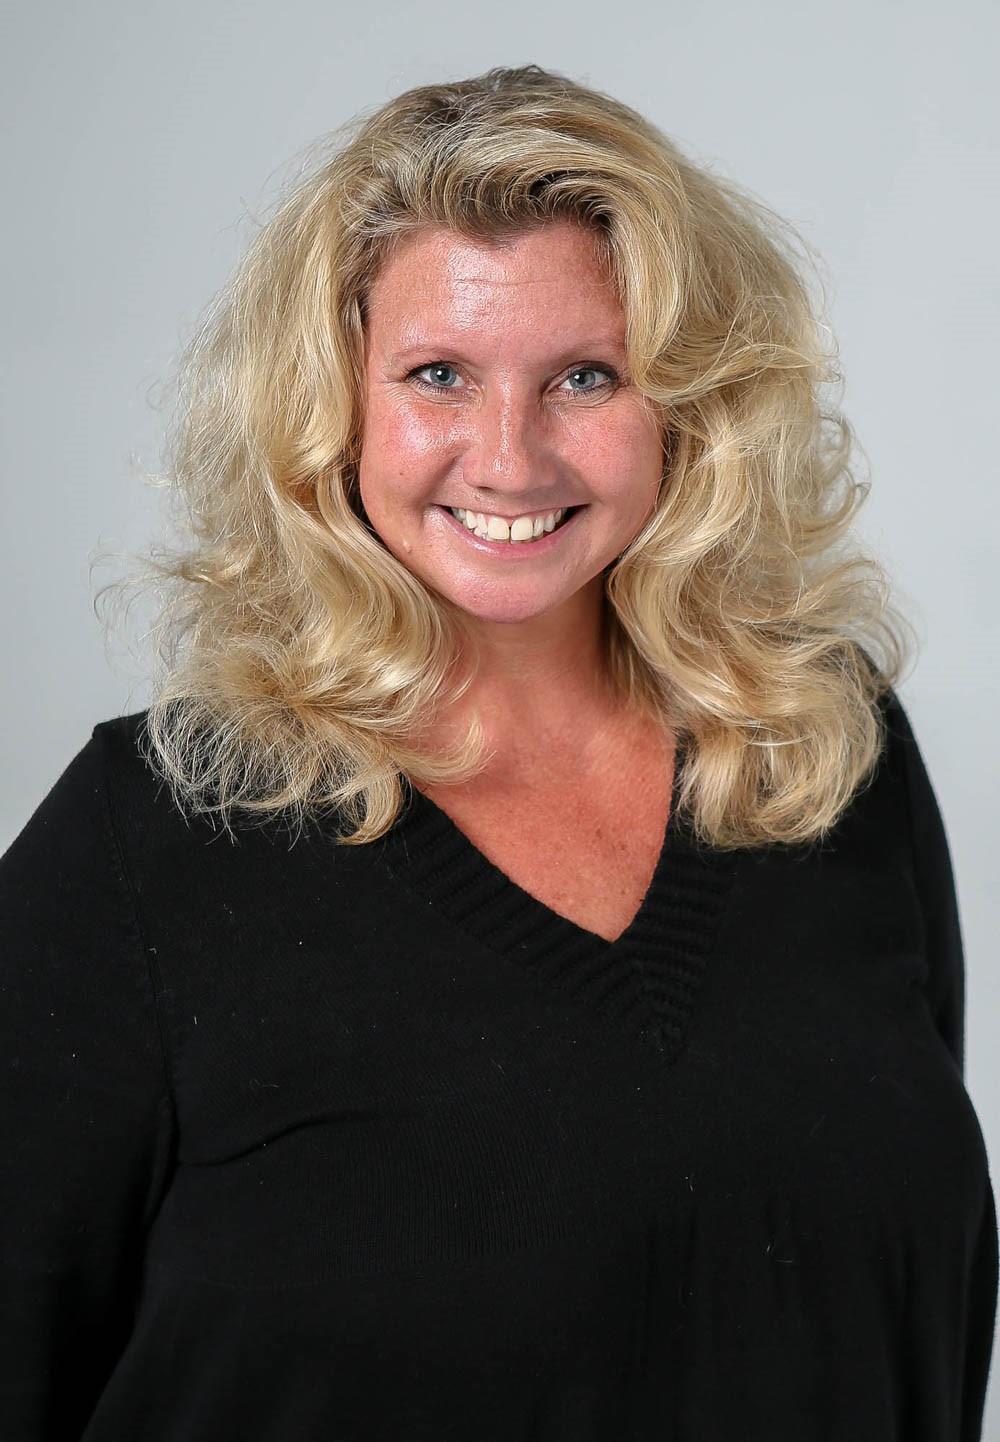 Debbie Van Ooteghem